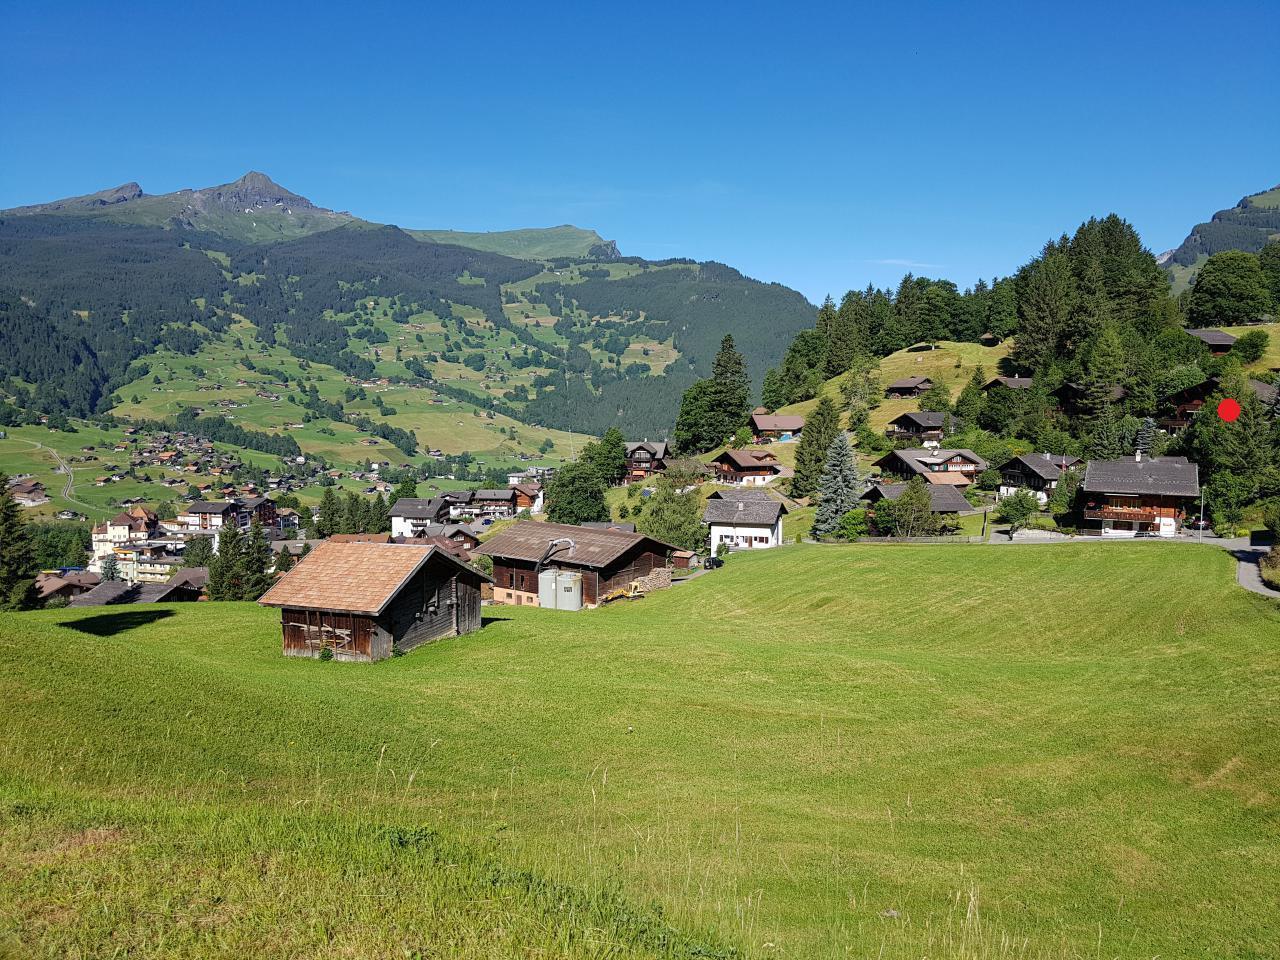 Ferienwohnung Chalet Moosrain 4.5 Zimmer-Wohnung, Eigerblick (788969), Grindelwald, Jungfrauregion, Berner Oberland, Schweiz, Bild 12